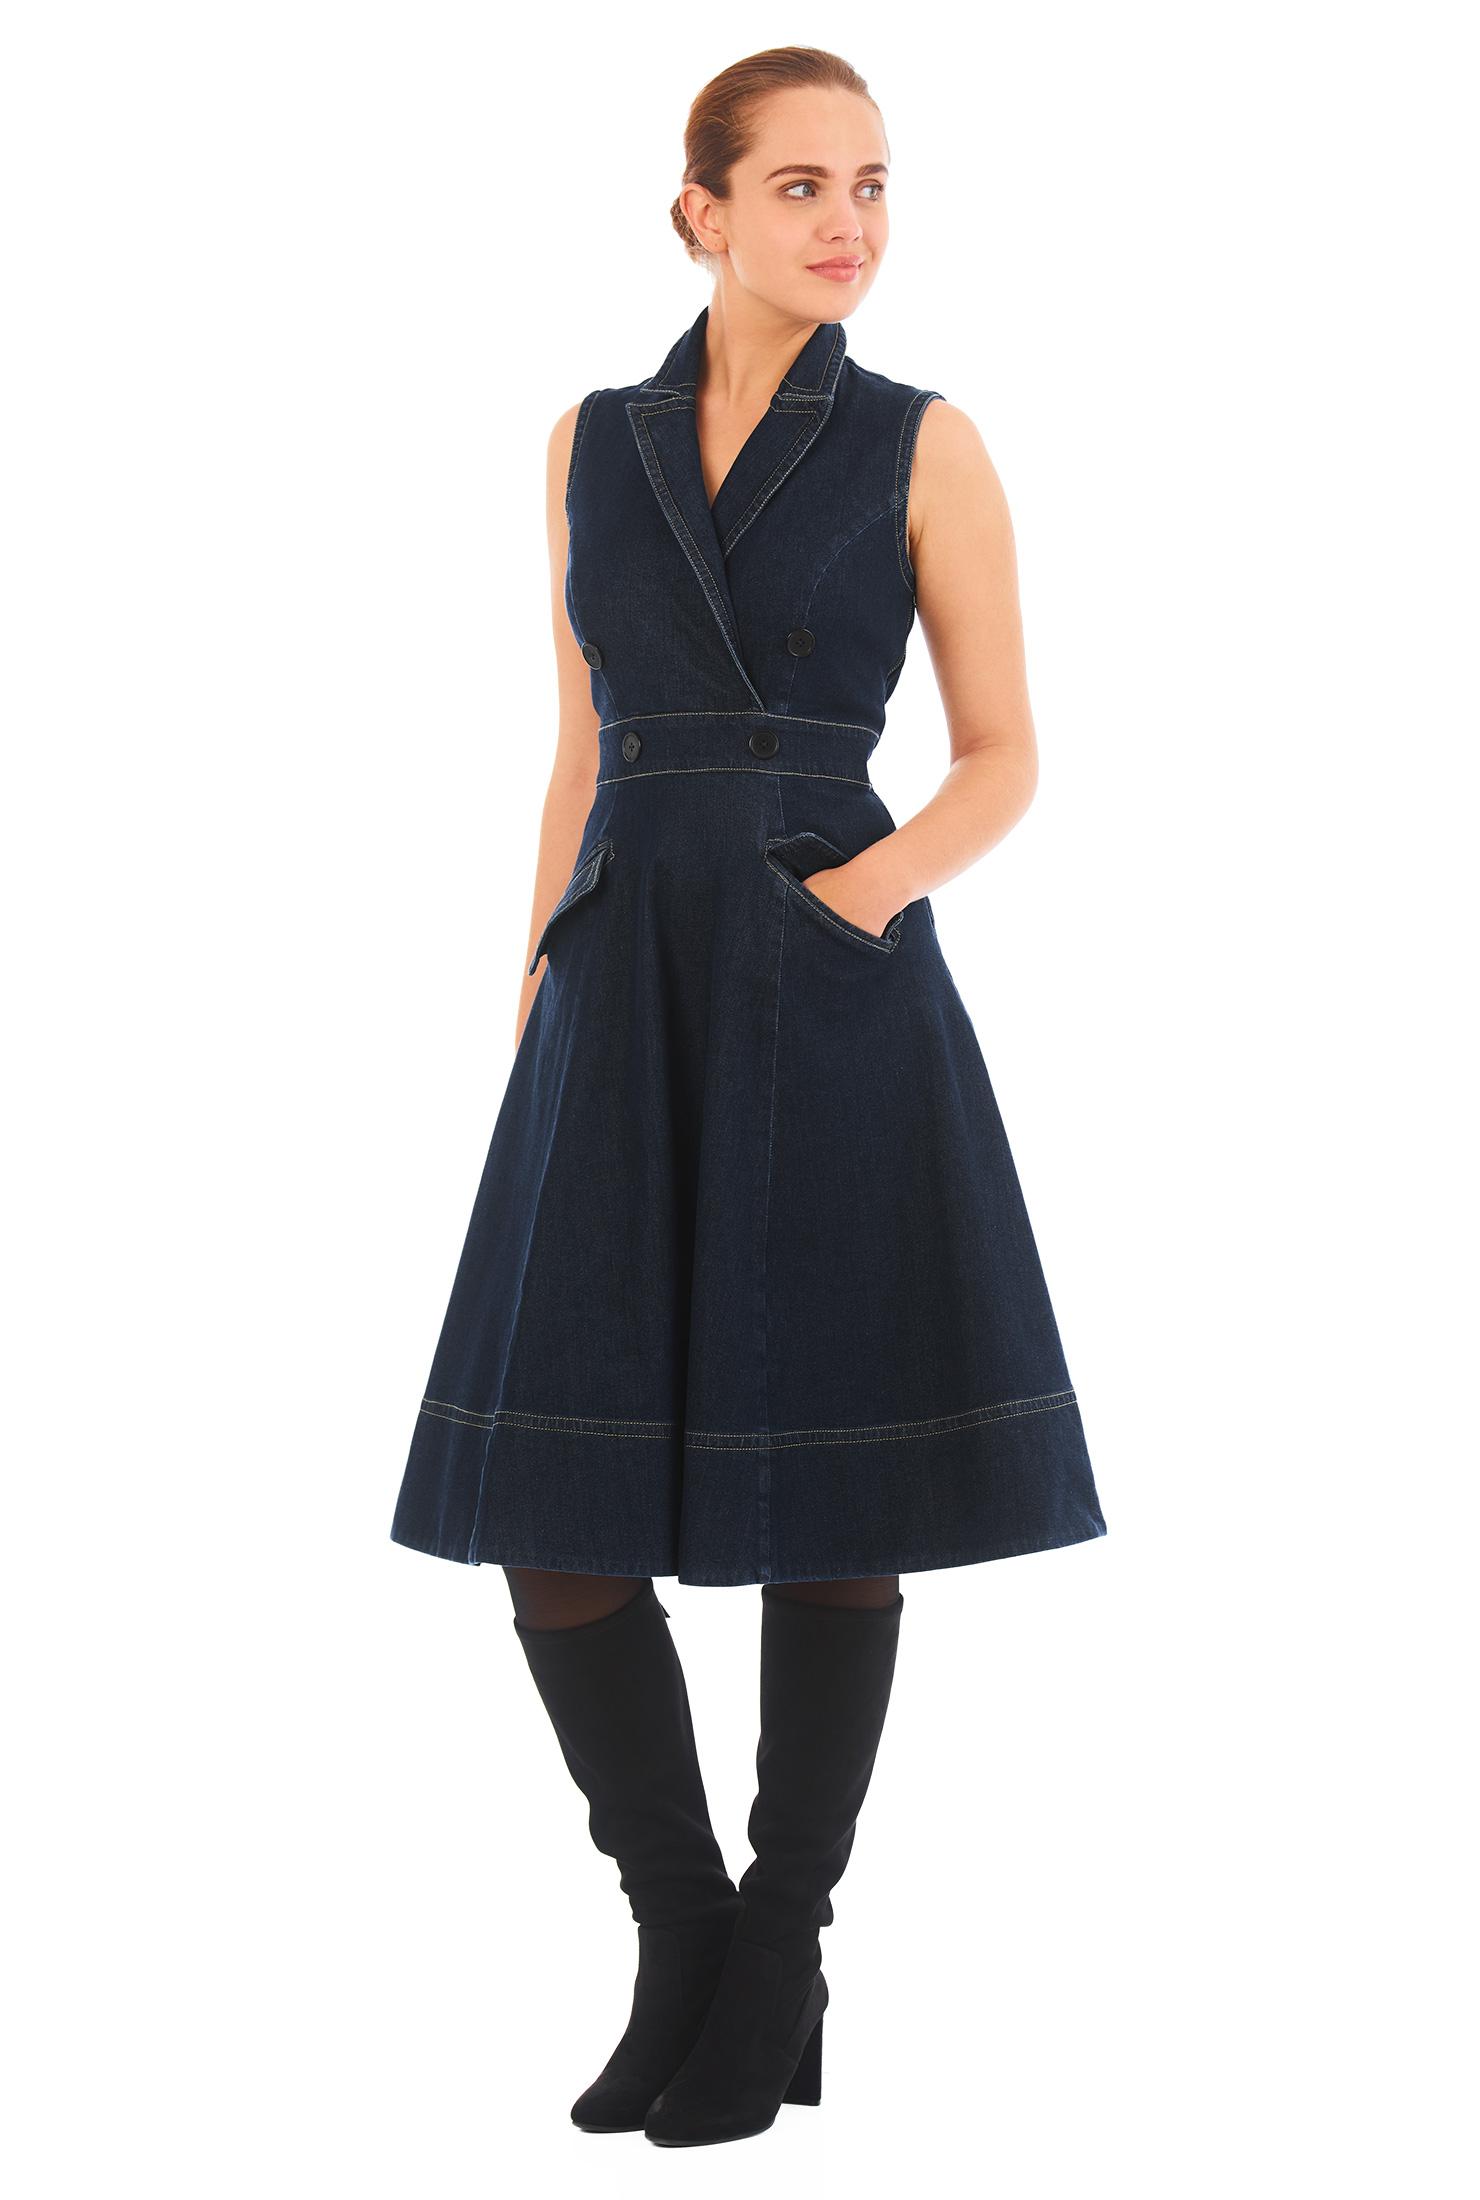 403db322bd Denim Jumper Dress - Dress Foto and Picture